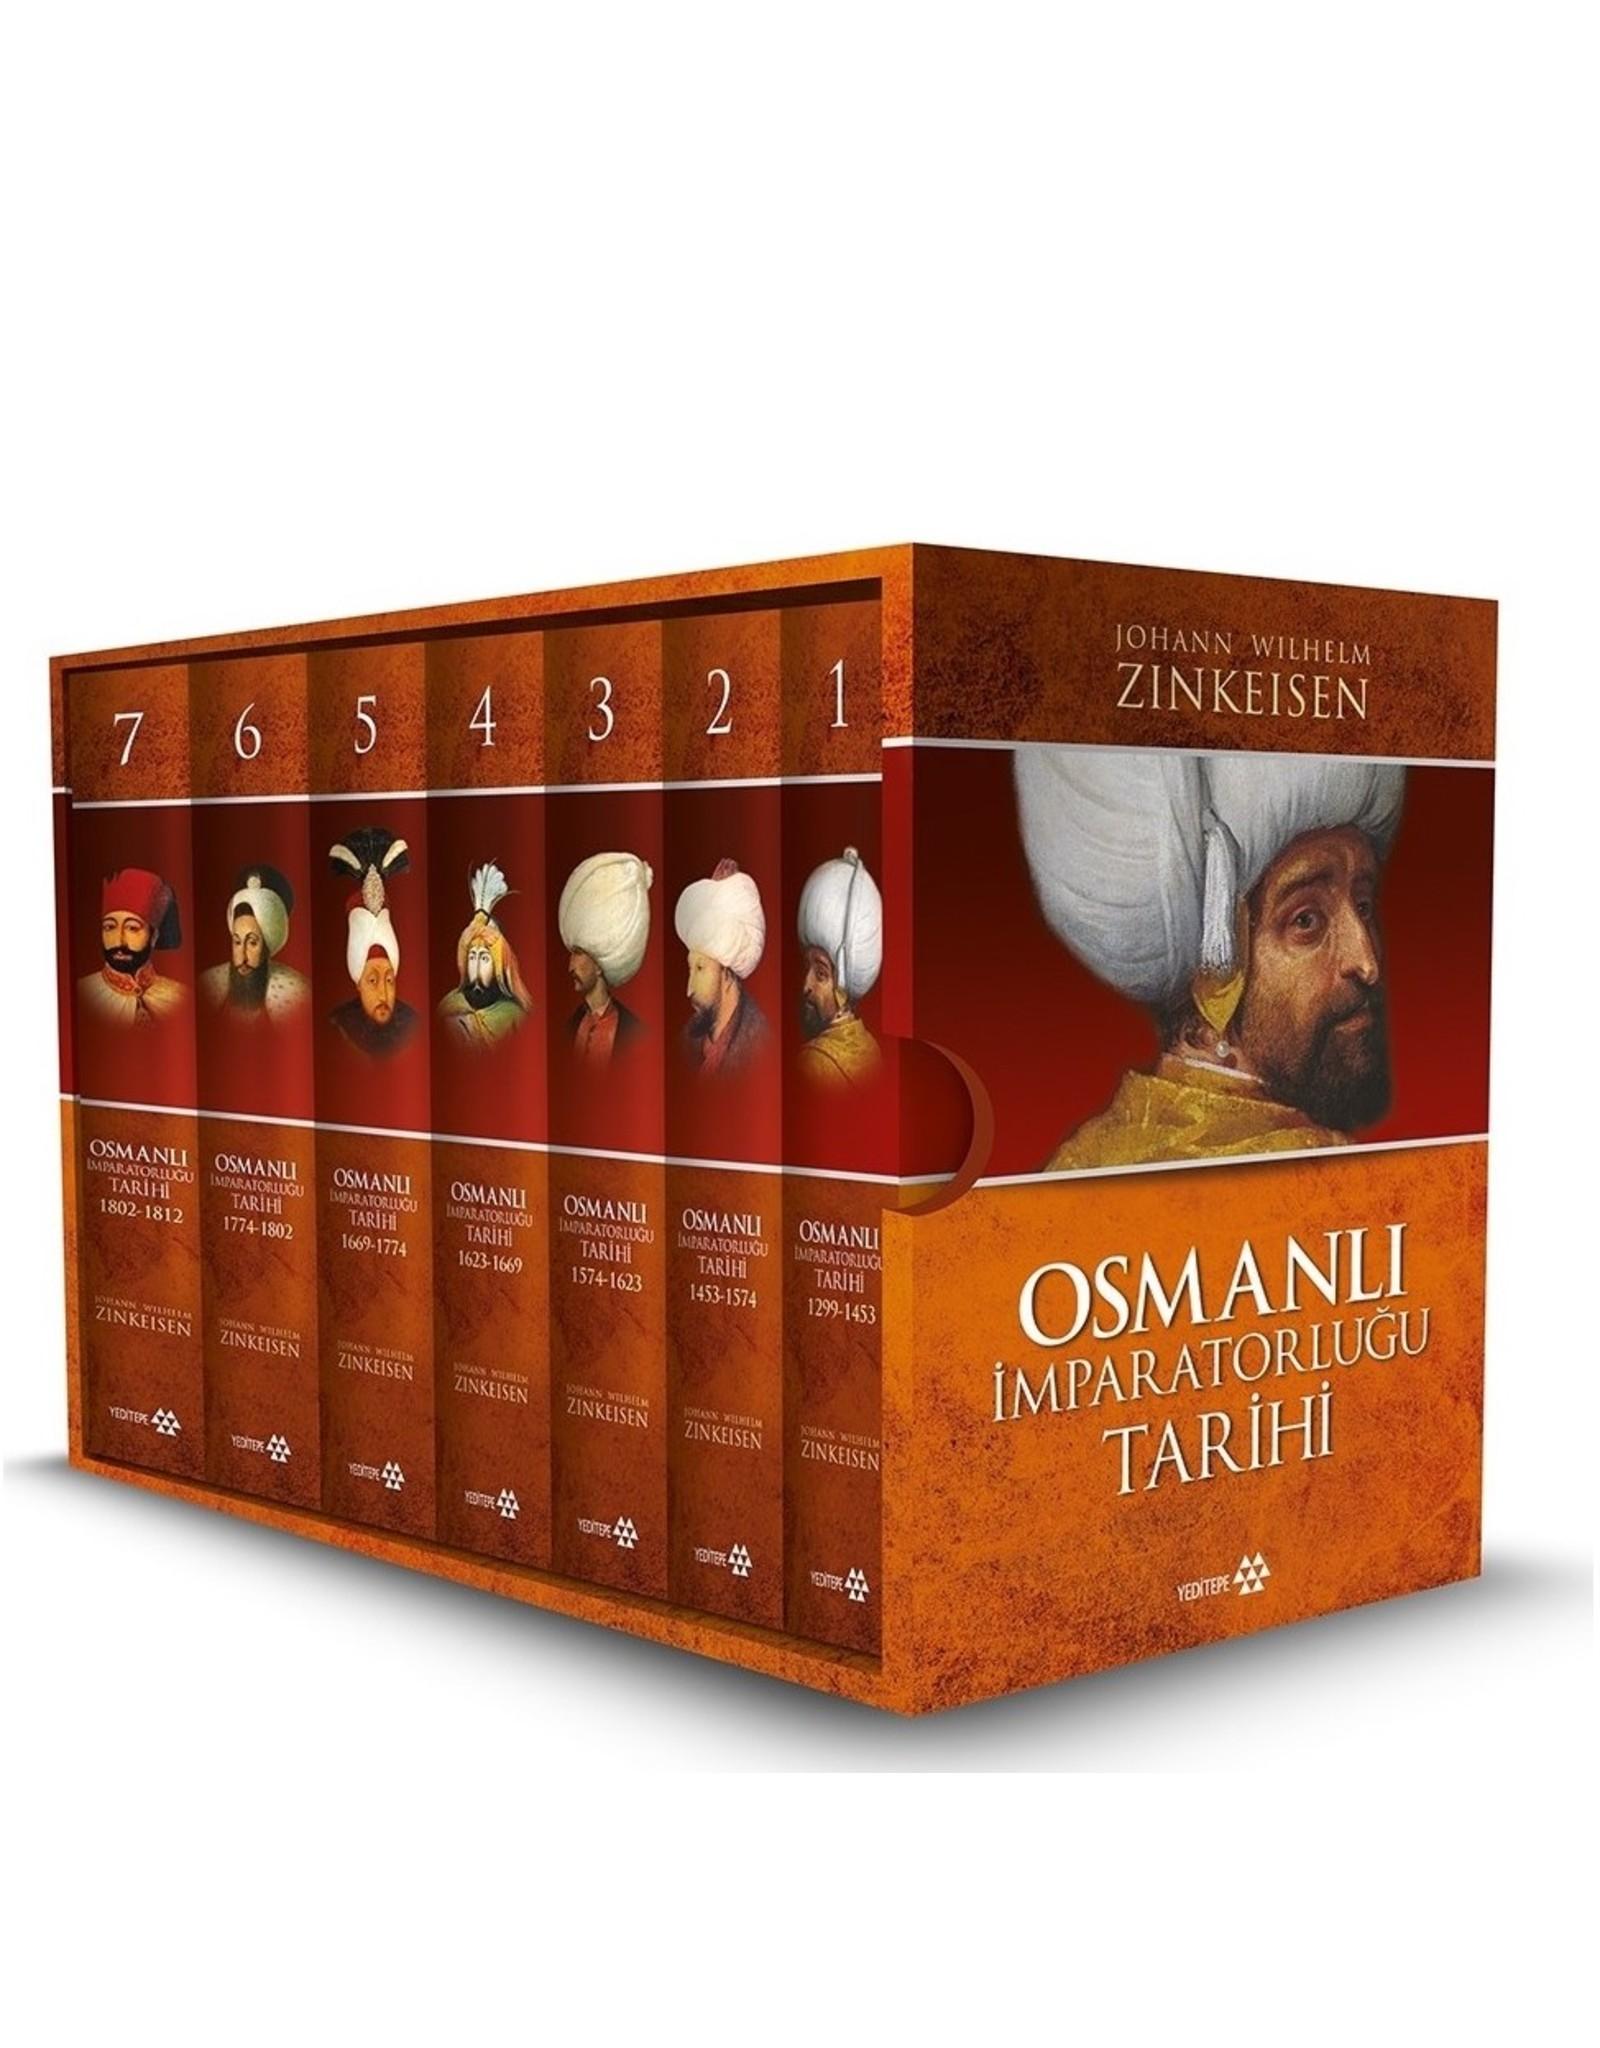 Johann Wilhelm Zinkeisen Osmanlı İmparatorluğu Tarihi (7 Cilt Takım Kutulu)